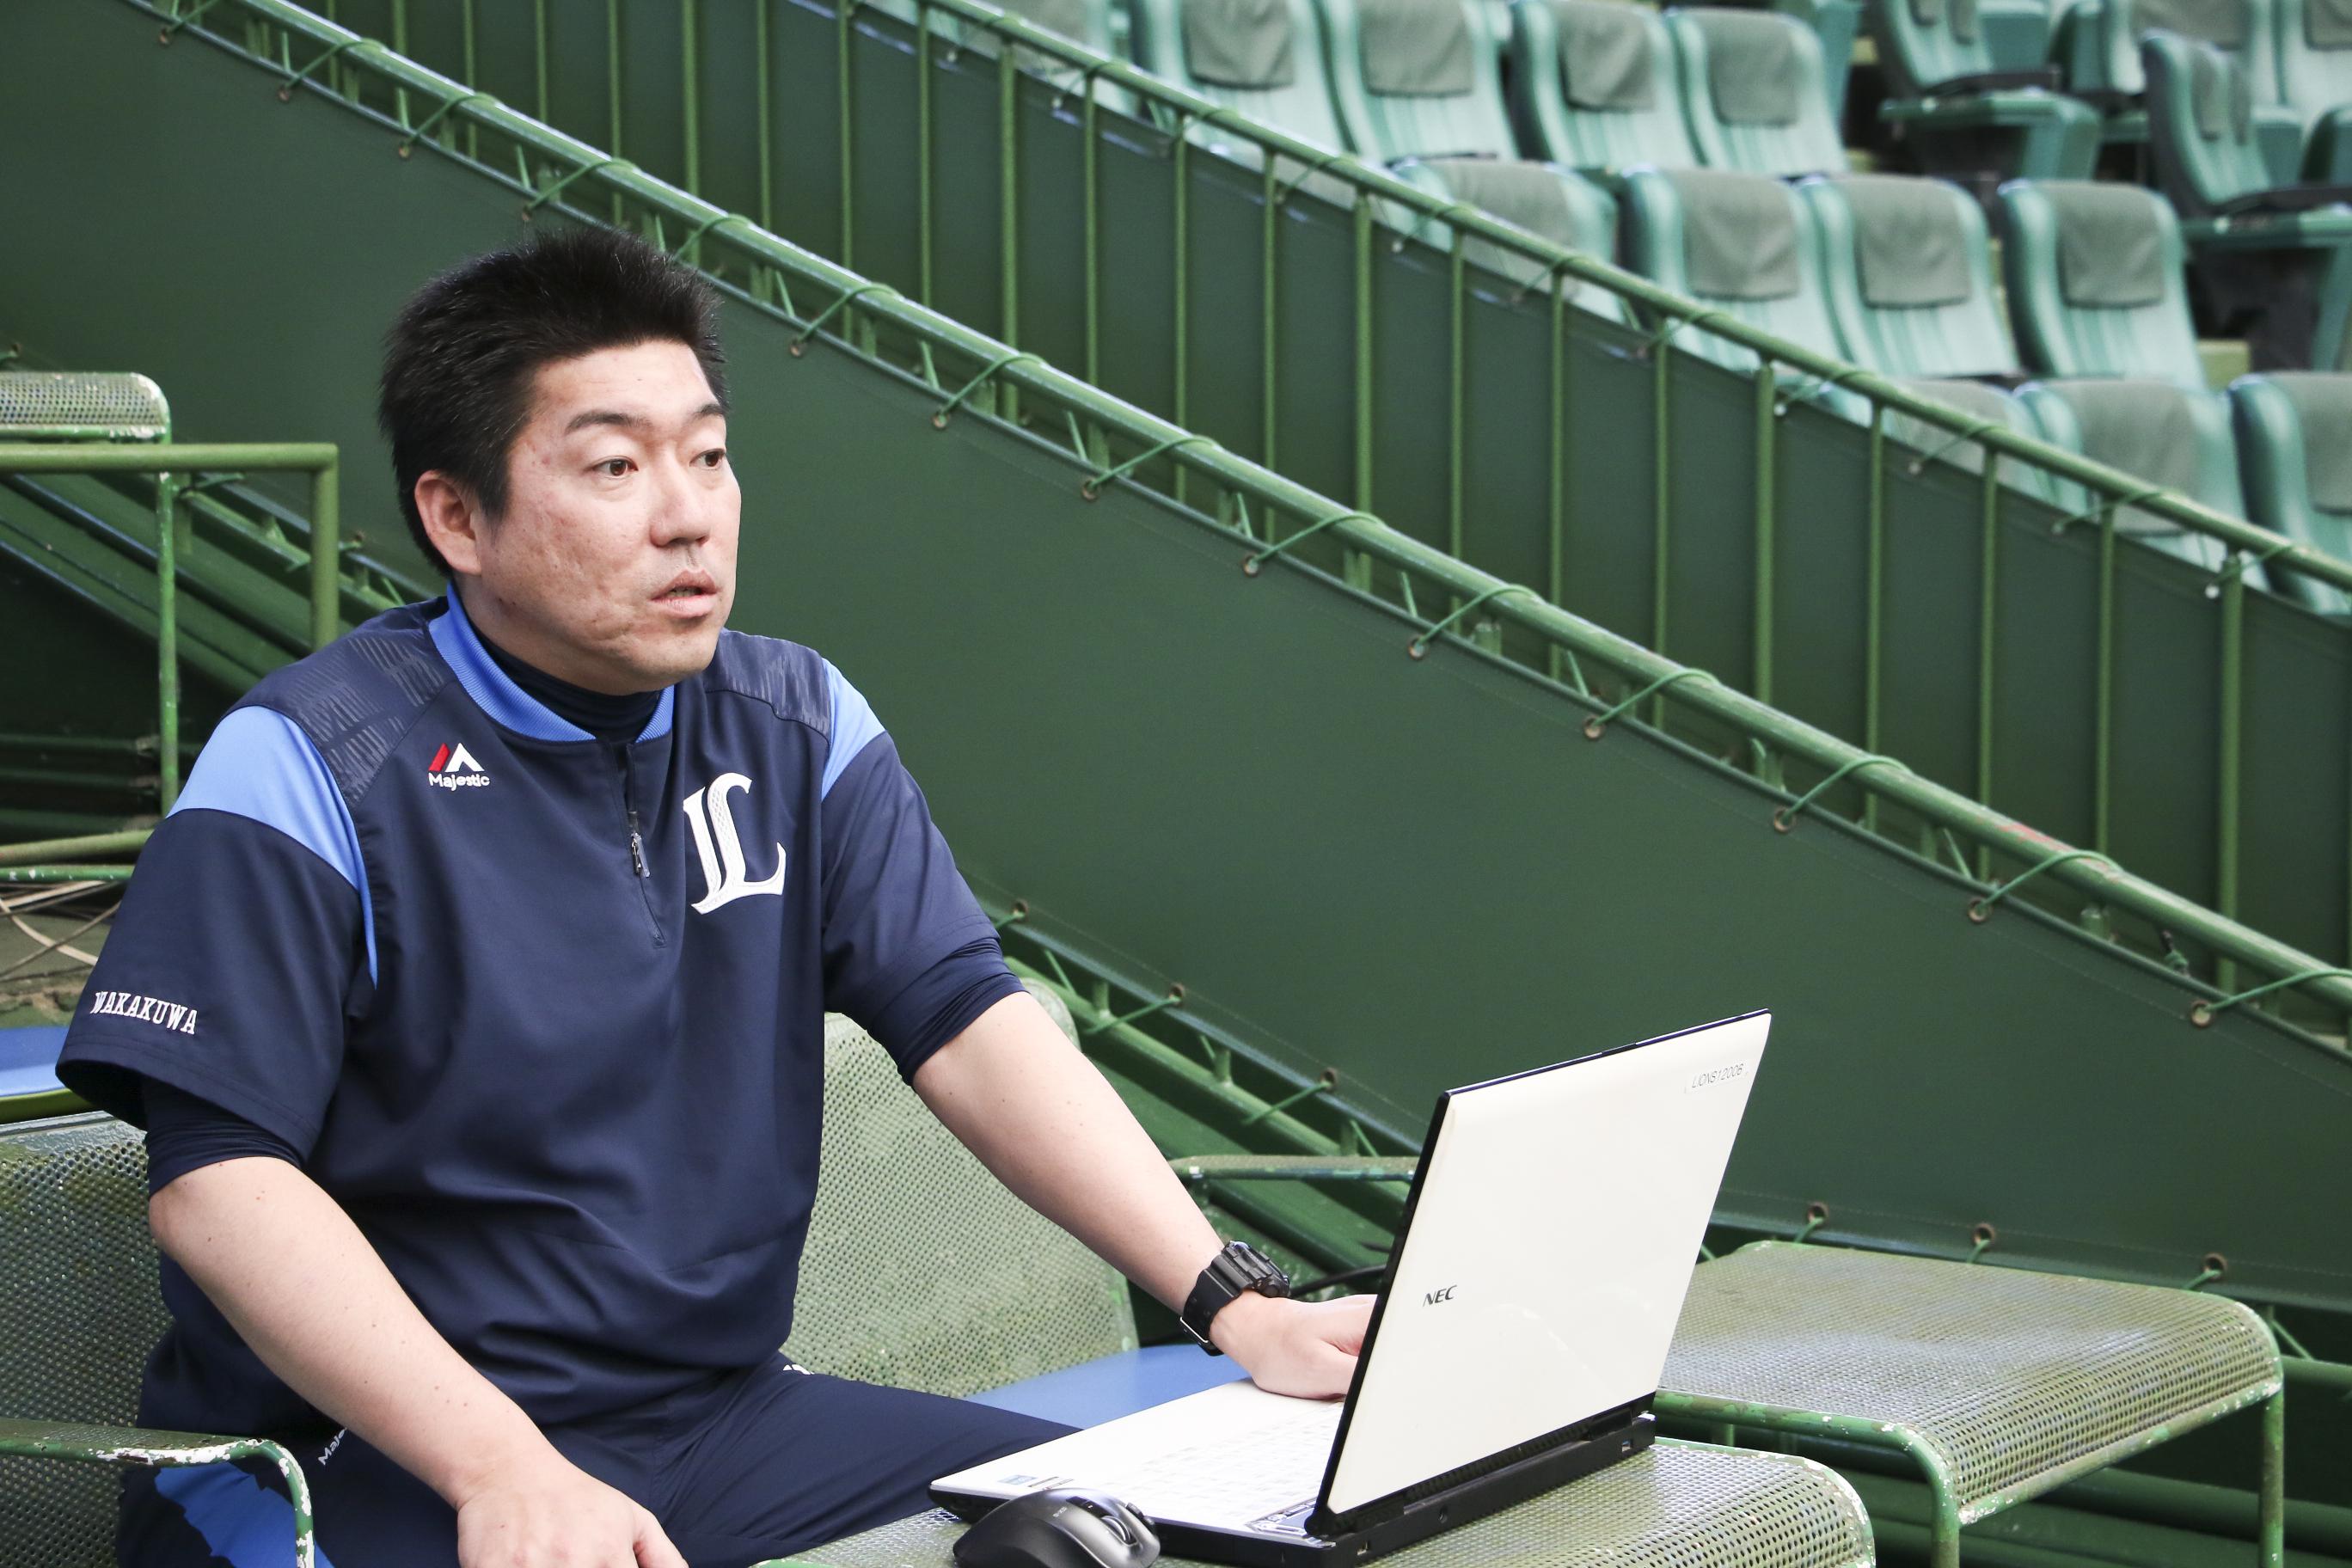 埼玉西武ライオンズのスコアラーとして活躍する若桑誠さんがノートパソコンを見ている所